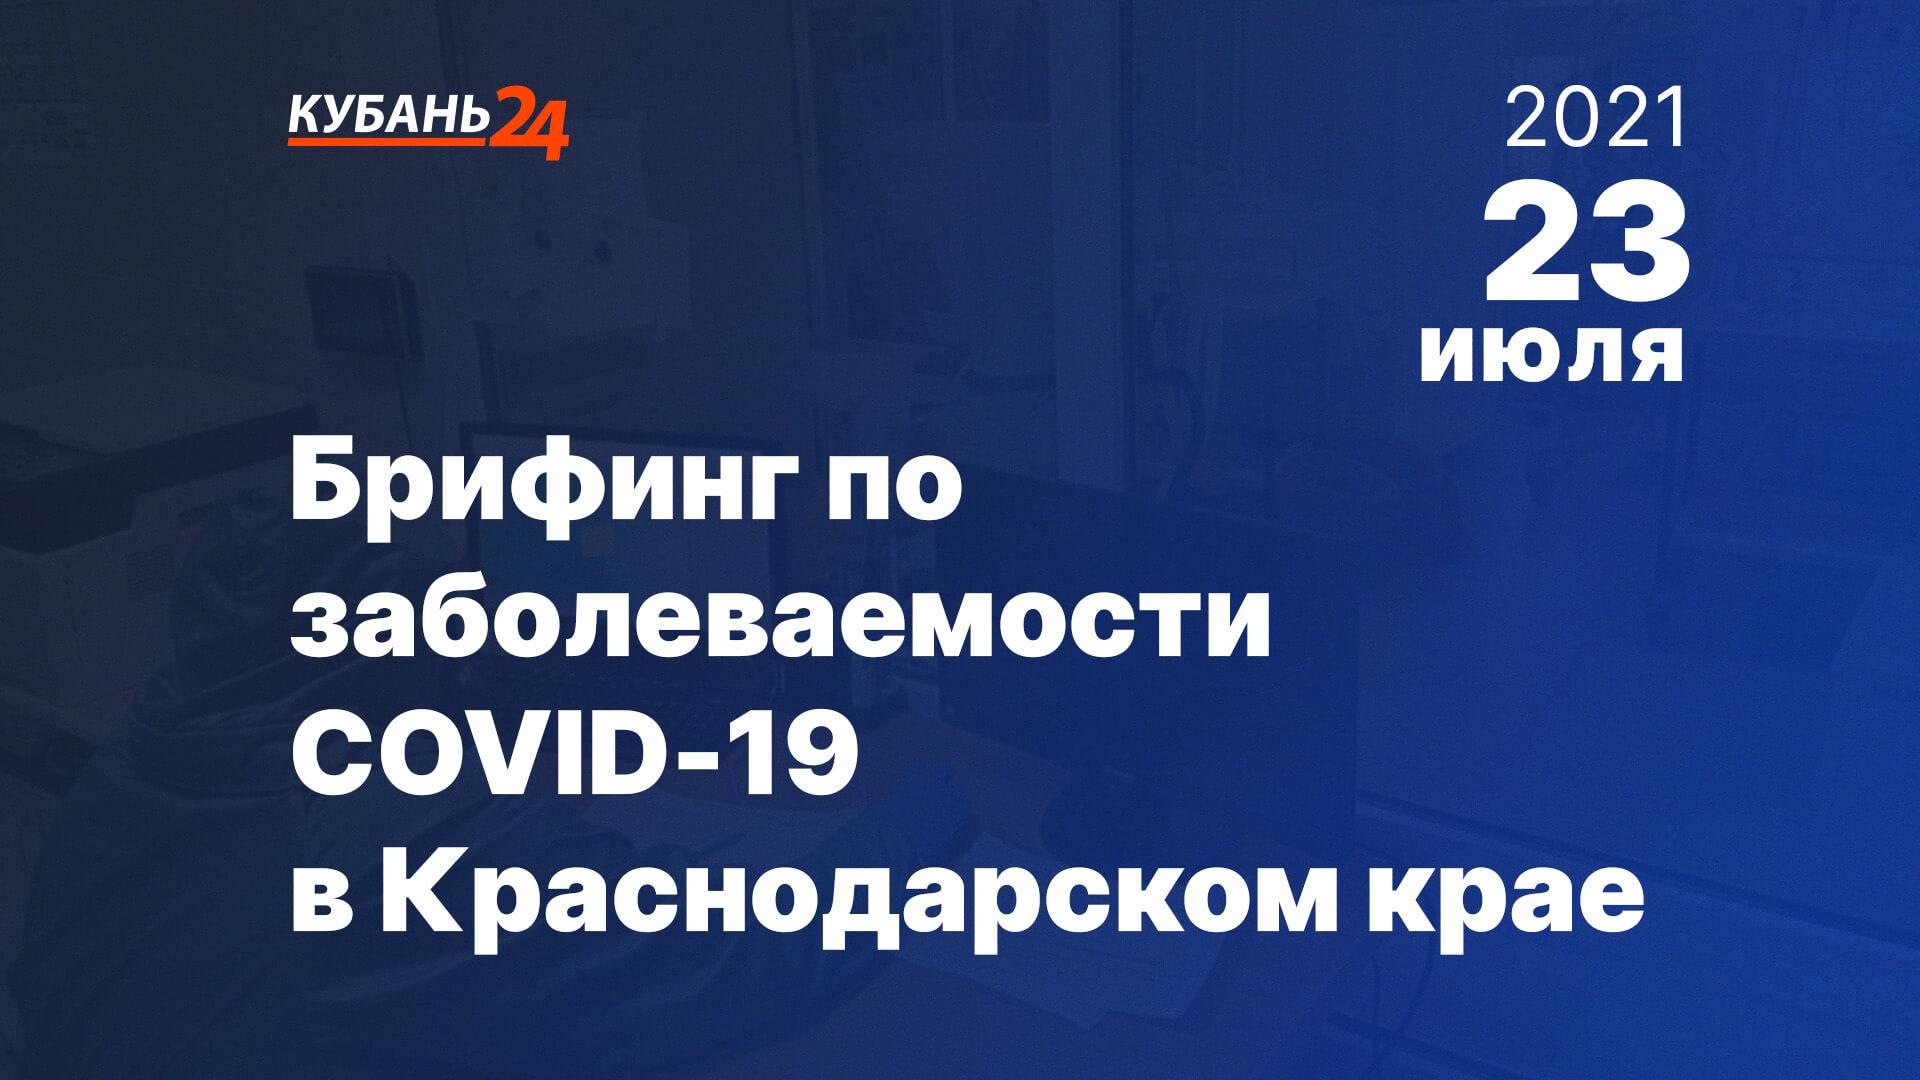 Брифинг по заболеваемости COVID-19 на Кубани пройдет 23 июля